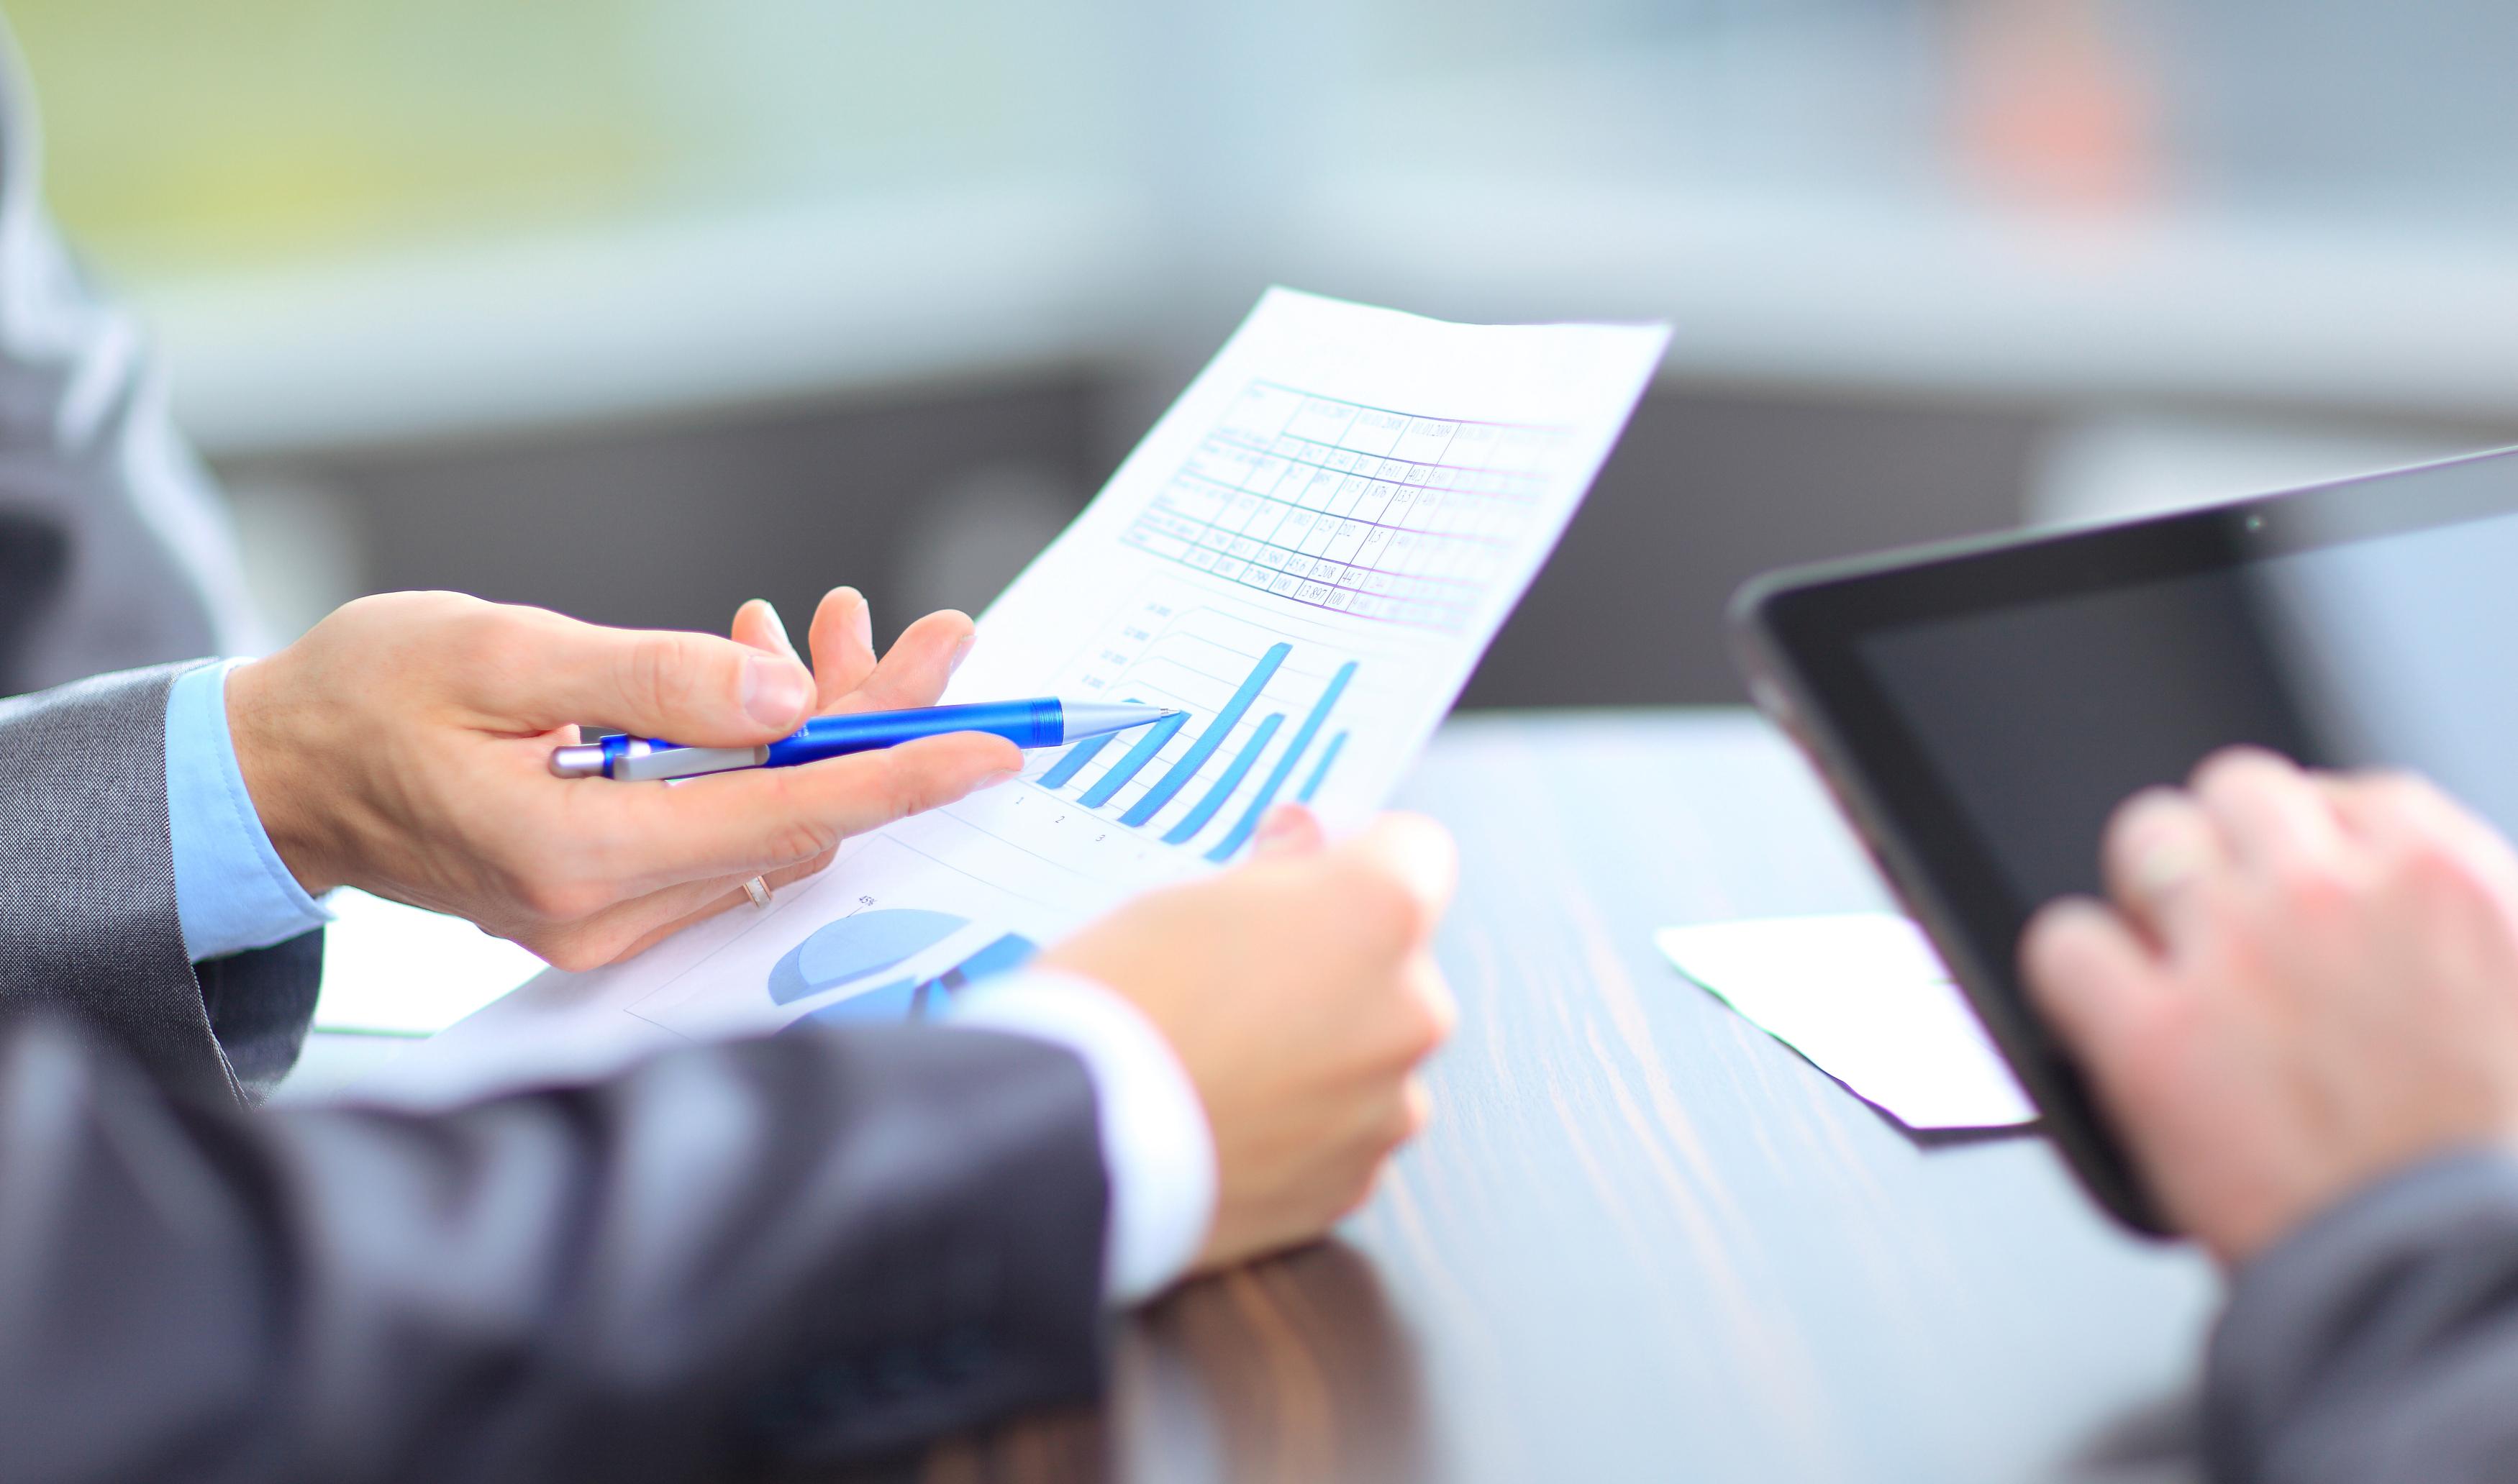 как взять кредит на покупку готового бизнеса занят или временно недоступен